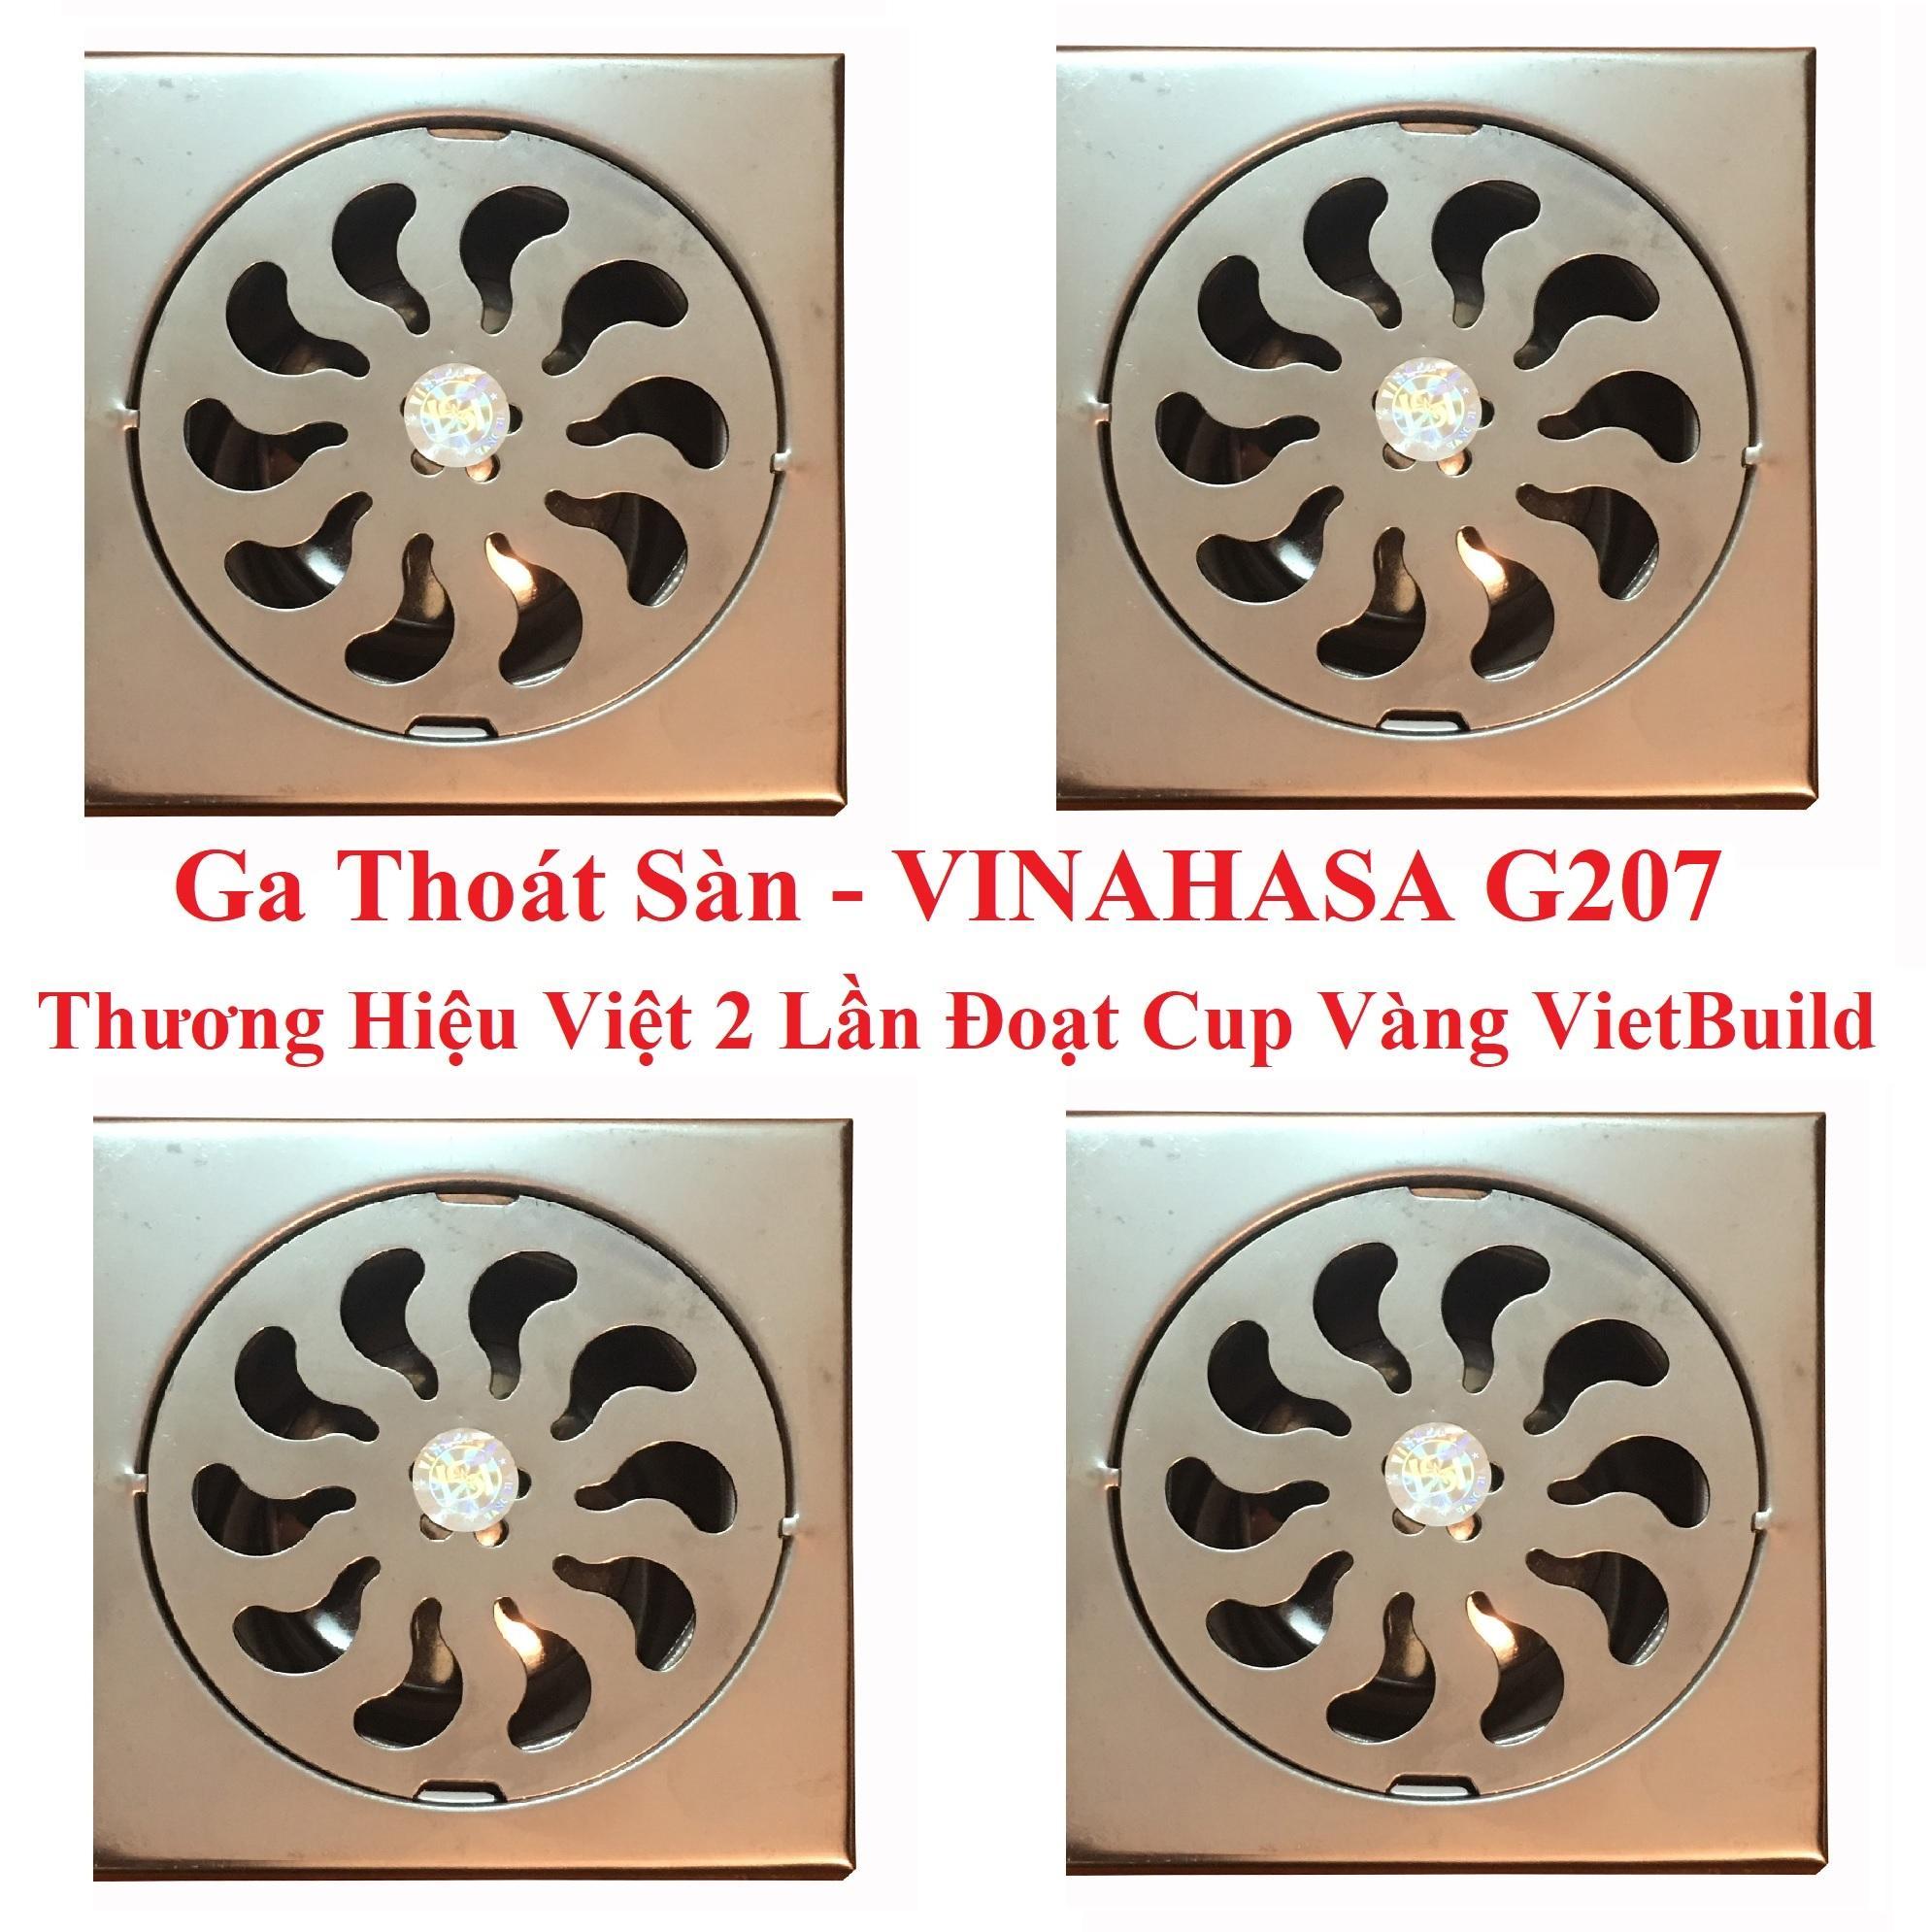 Bộ 4 ga thoát sàn – phễu thoát sàn INOX Vinahasa 10x10cm Phi 60mm Chống Hôi – Lọc Rác 2 lớp hiệu quả G207 (Bảo hành 12 tháng – 1 đổi 1 trong 7 ngày)